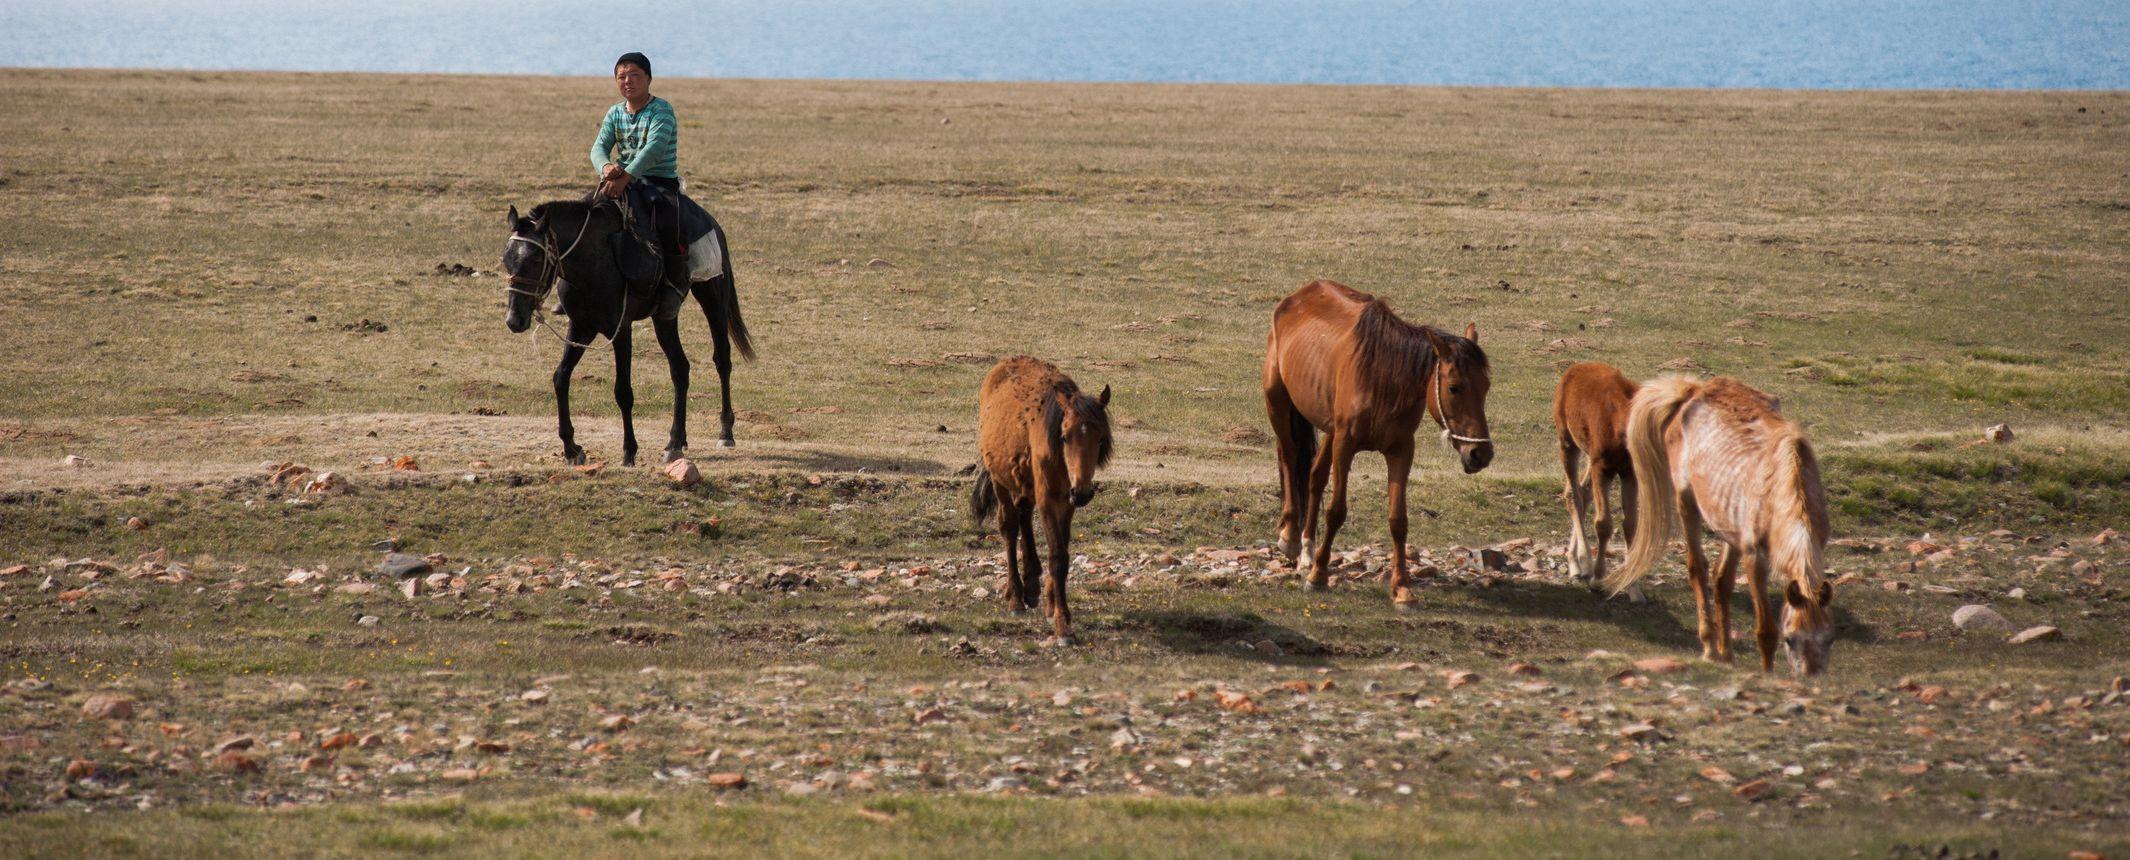 Uzbekistán y Kyrgyzstán -  Ruta de la Seda y montes Tien Shan  - Salidas de Mayo a Septiembre